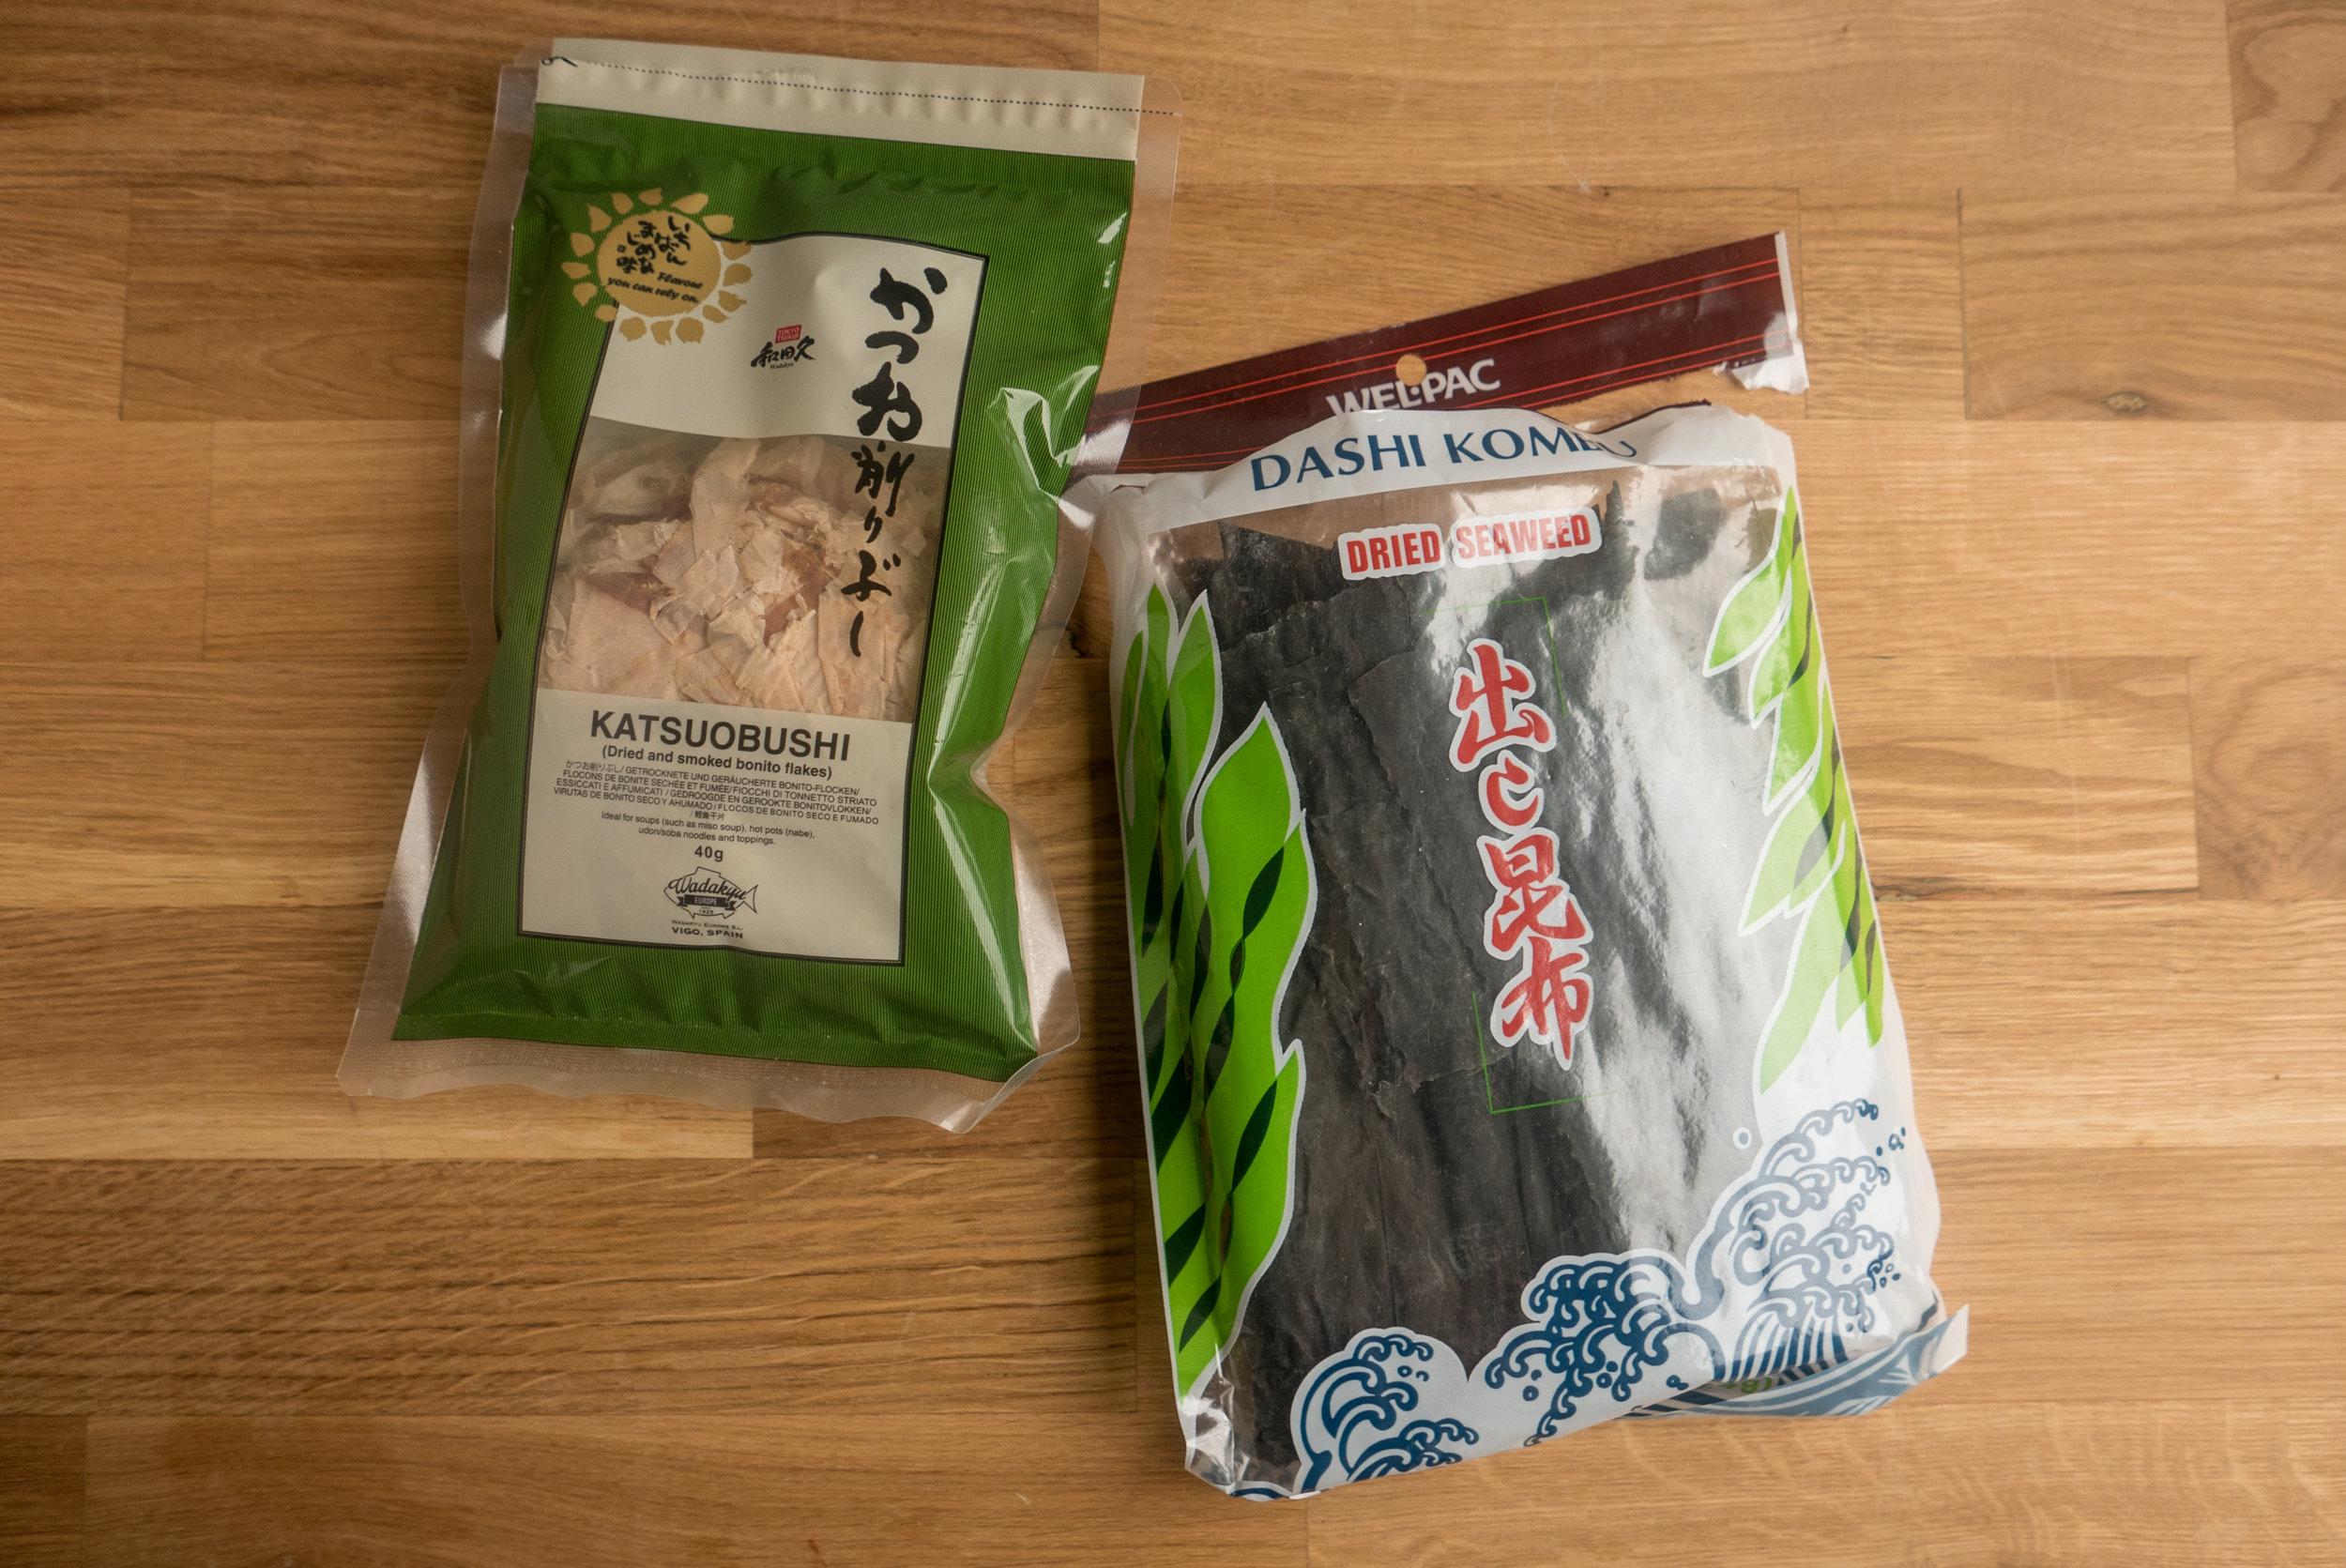 Сушена и пушена риба katsuobushi, сушени водорасли Kombu